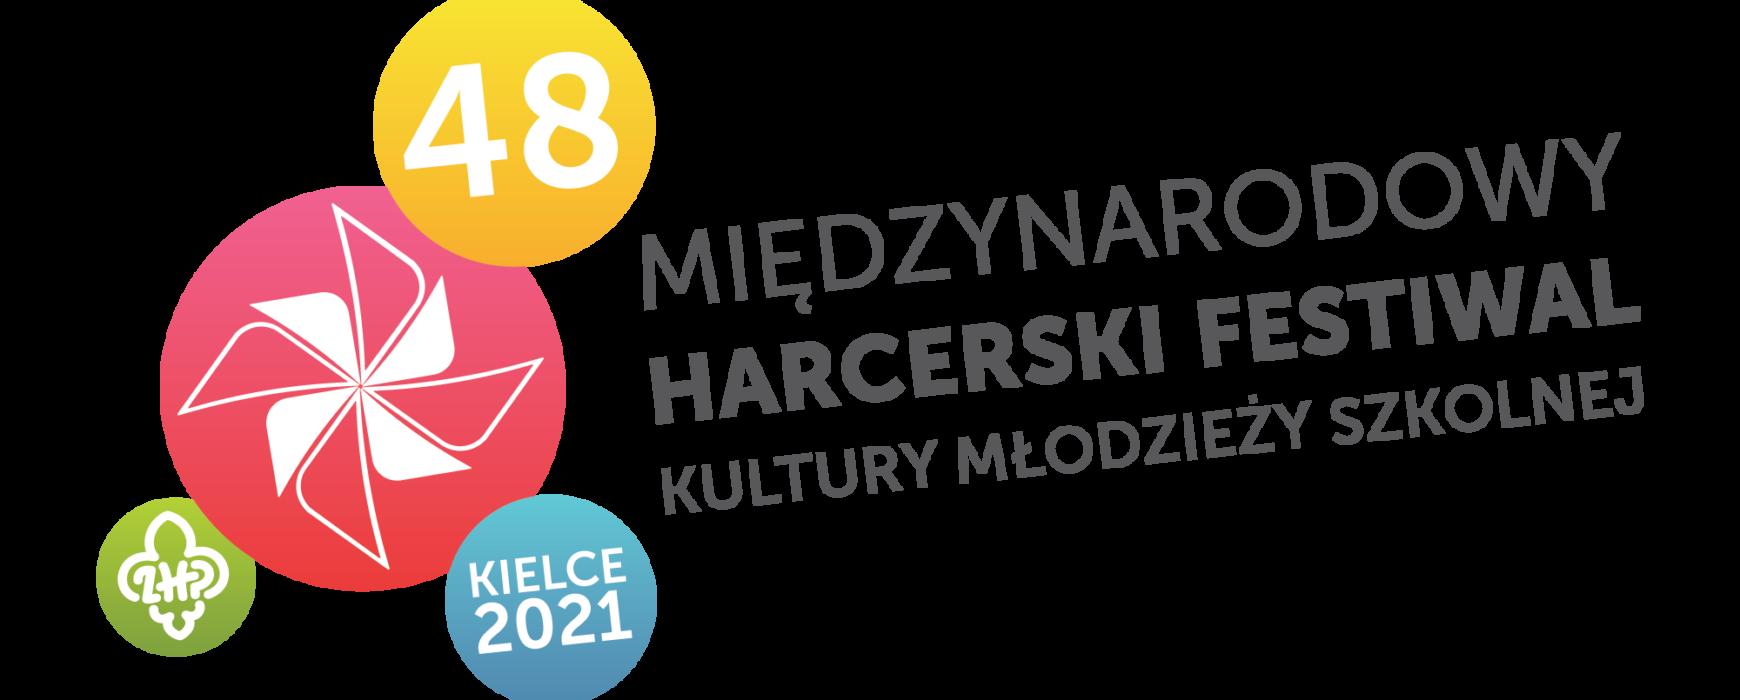 Komunikat o 48. Międzynarodowym Harcerskim Festiwalu Kultury Młodzieży Szkolnej